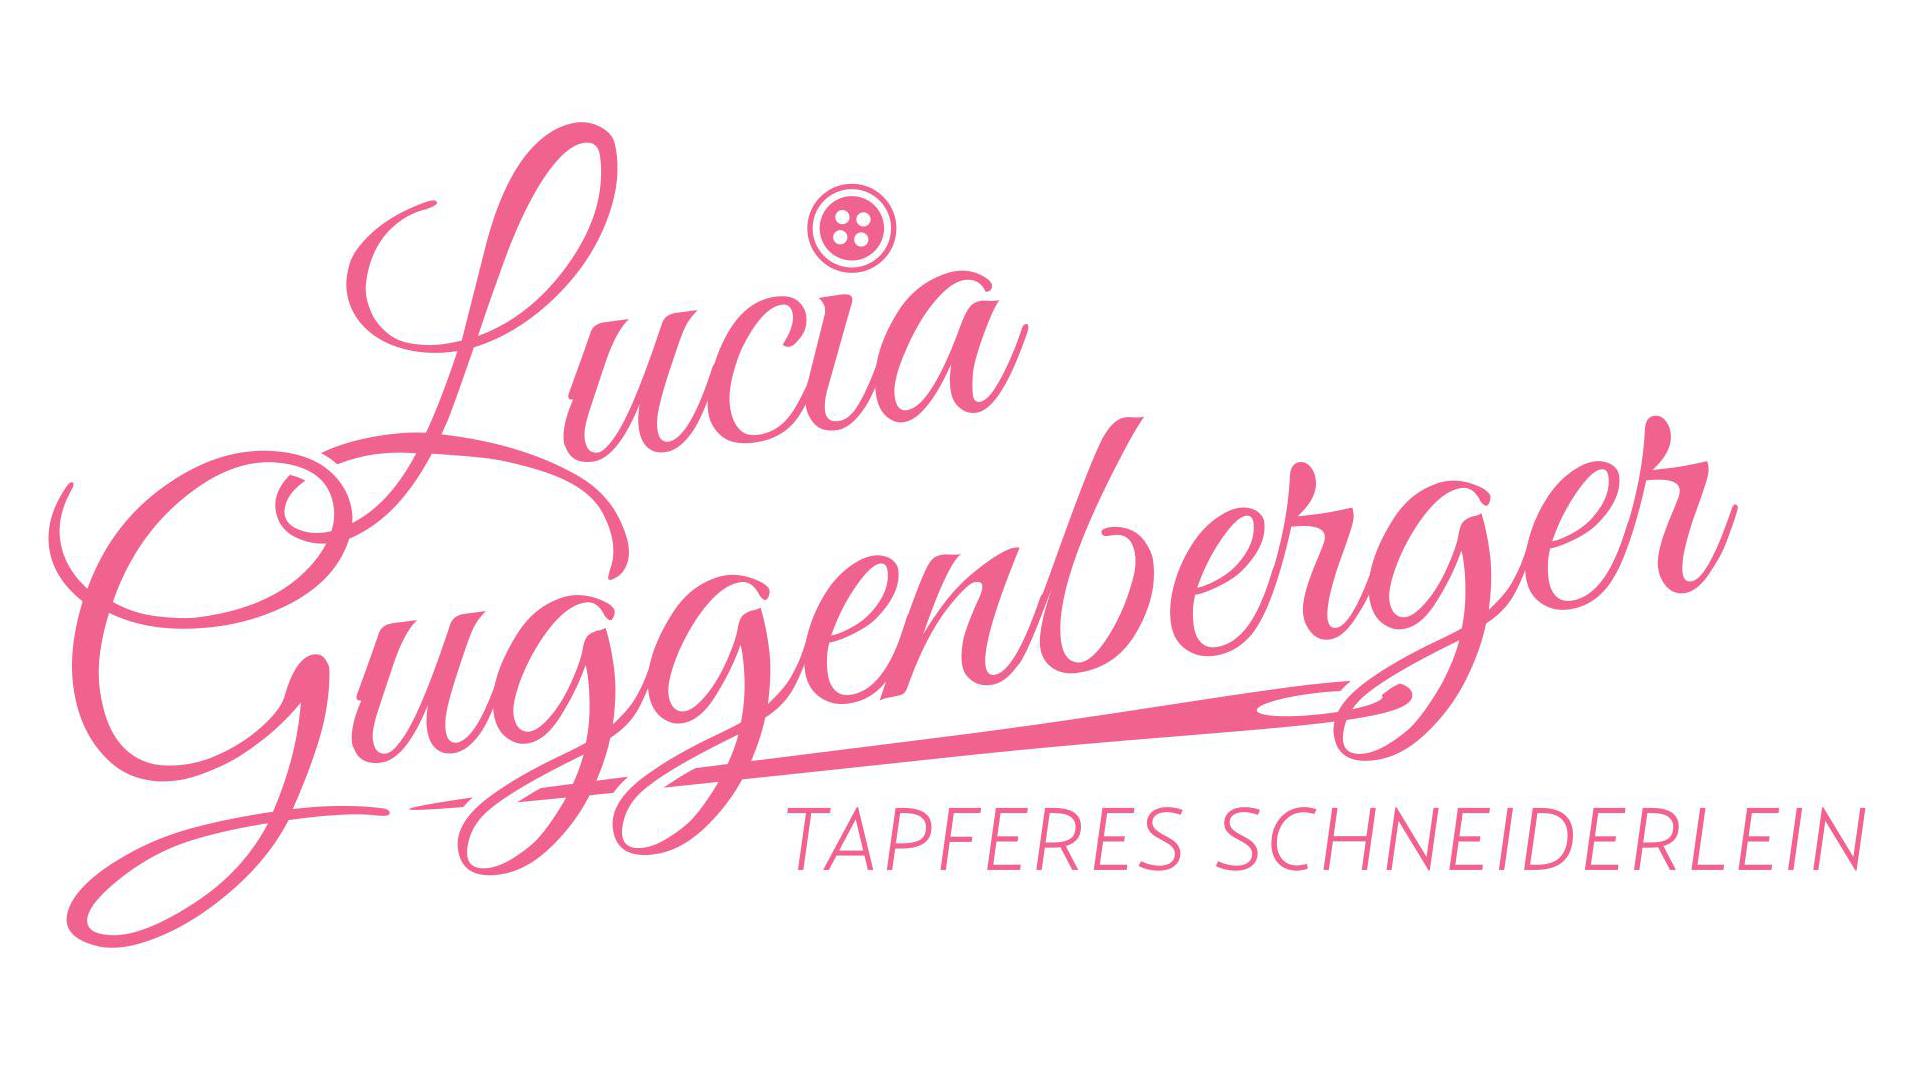 Lucia Guggenberger